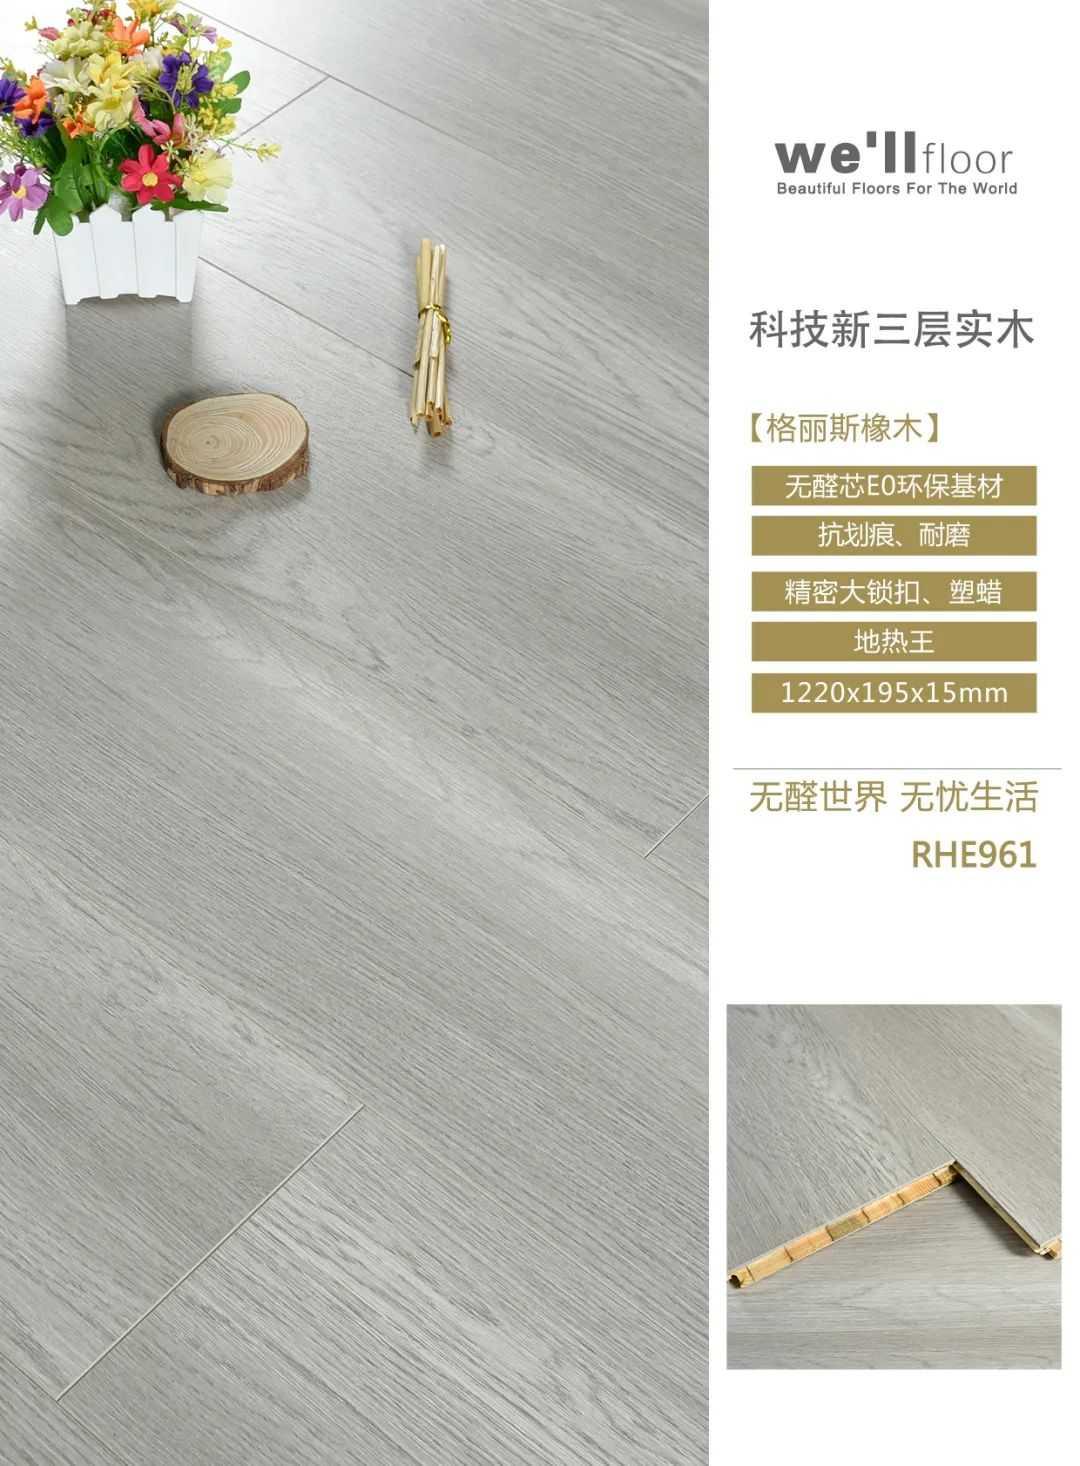 惠尔地板-新三层实木地板、强化木地板产品图片_2